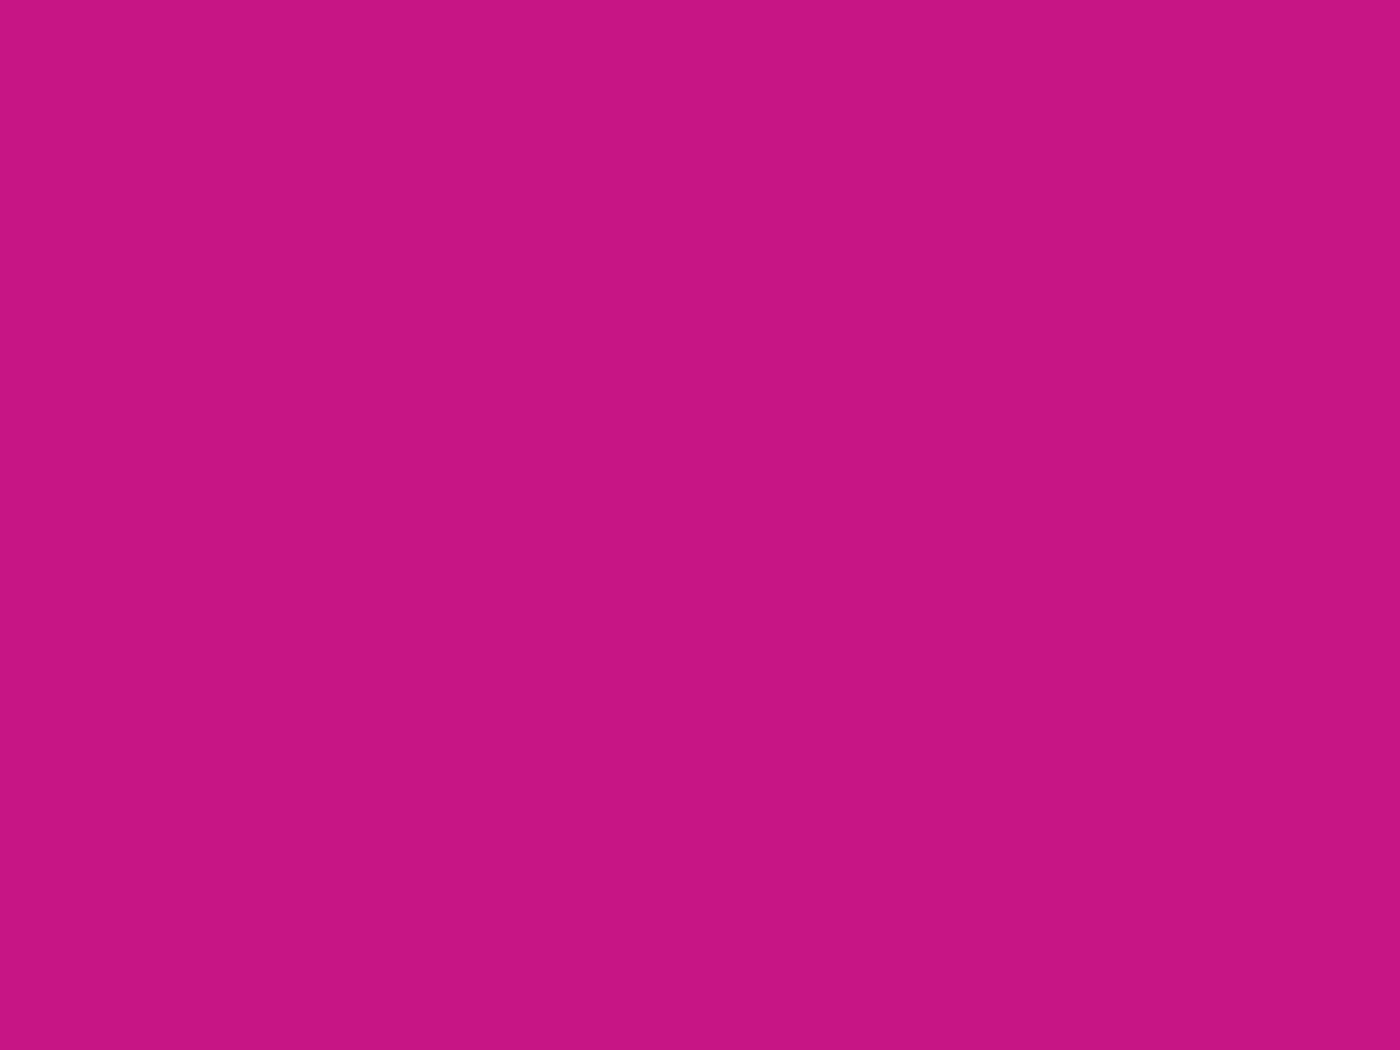 1400x1050 Red-violet Solid Color Background